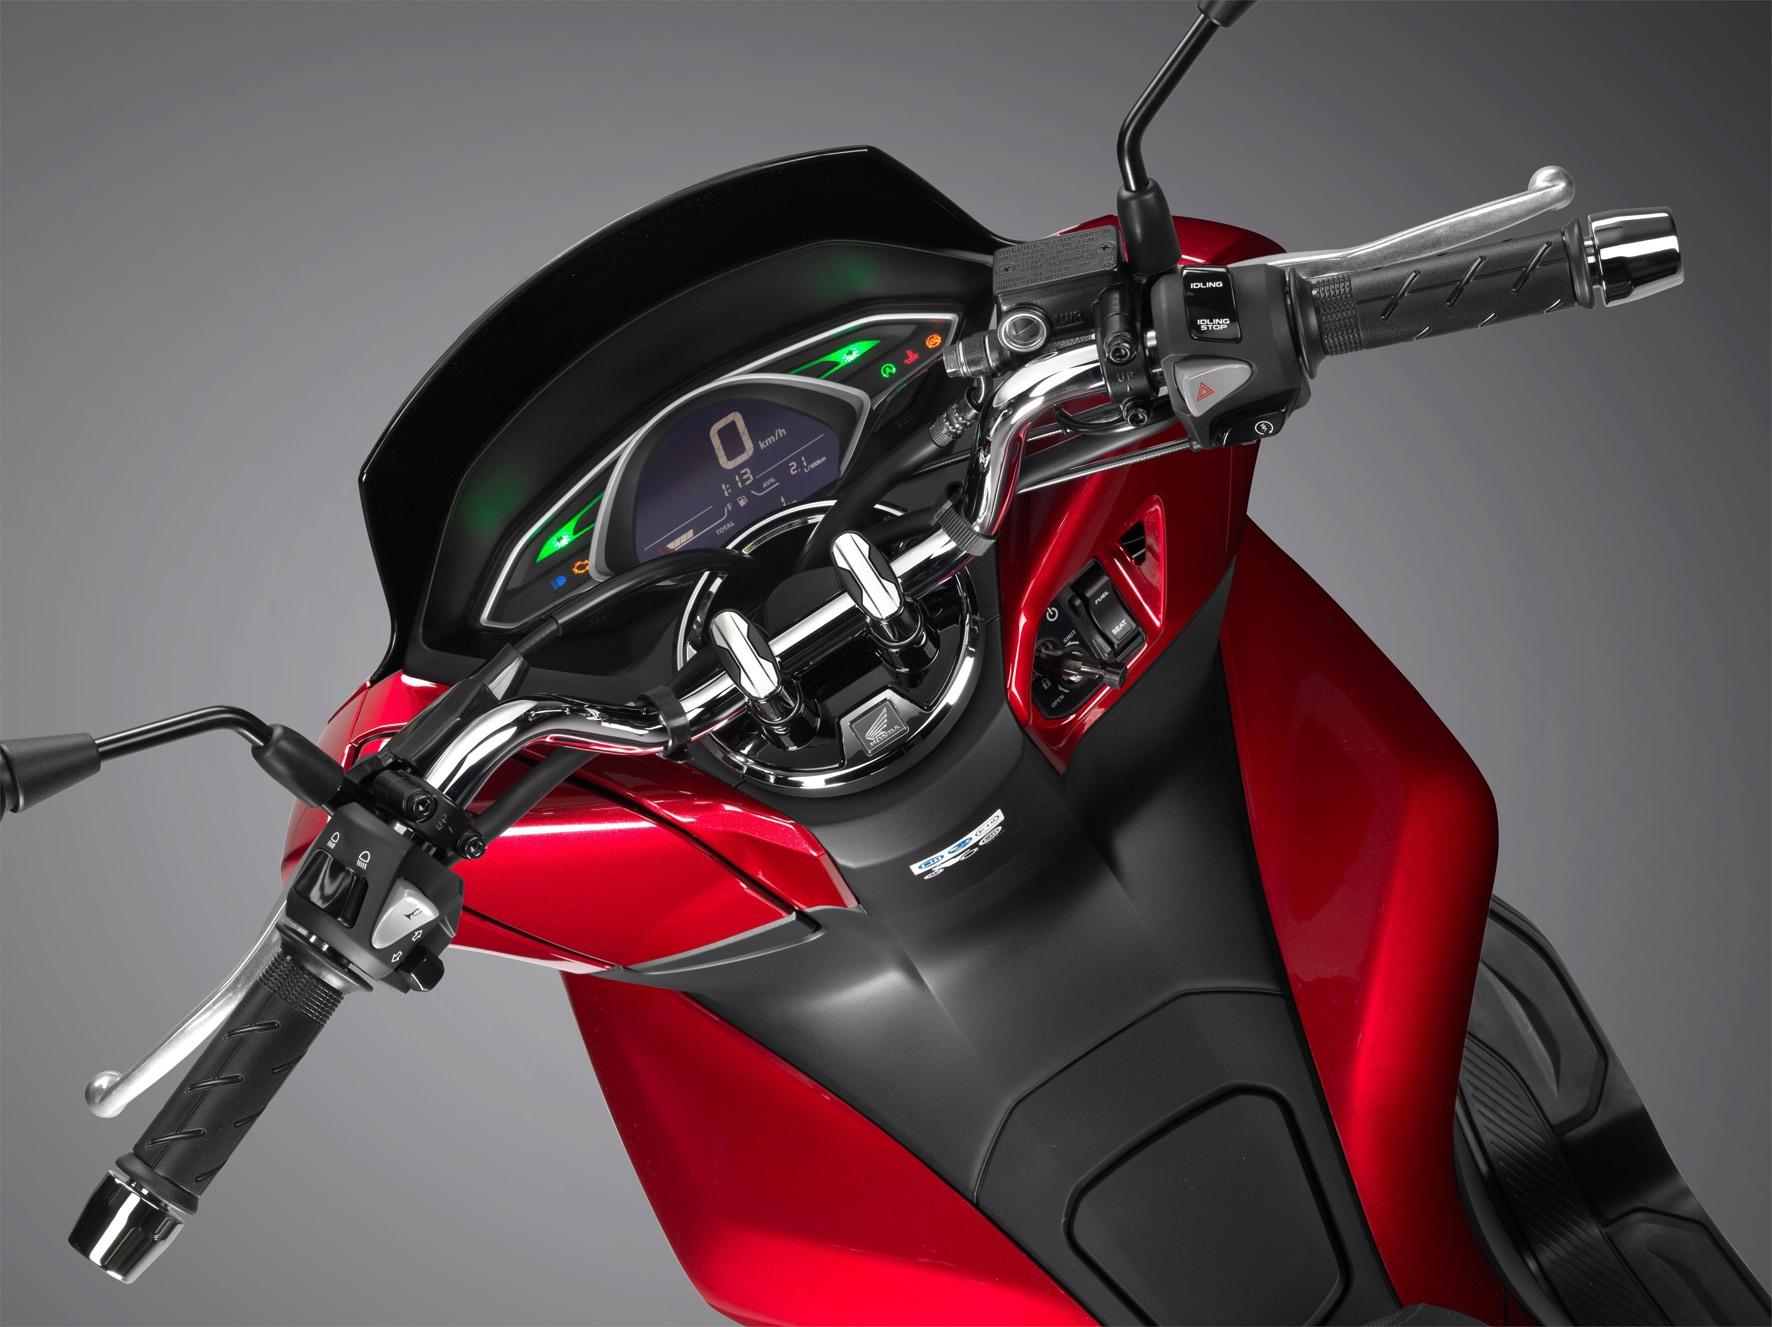 Painel do Honda PCX se destaca e ficou mais fácil de ser visualizado, comandos também mudaram